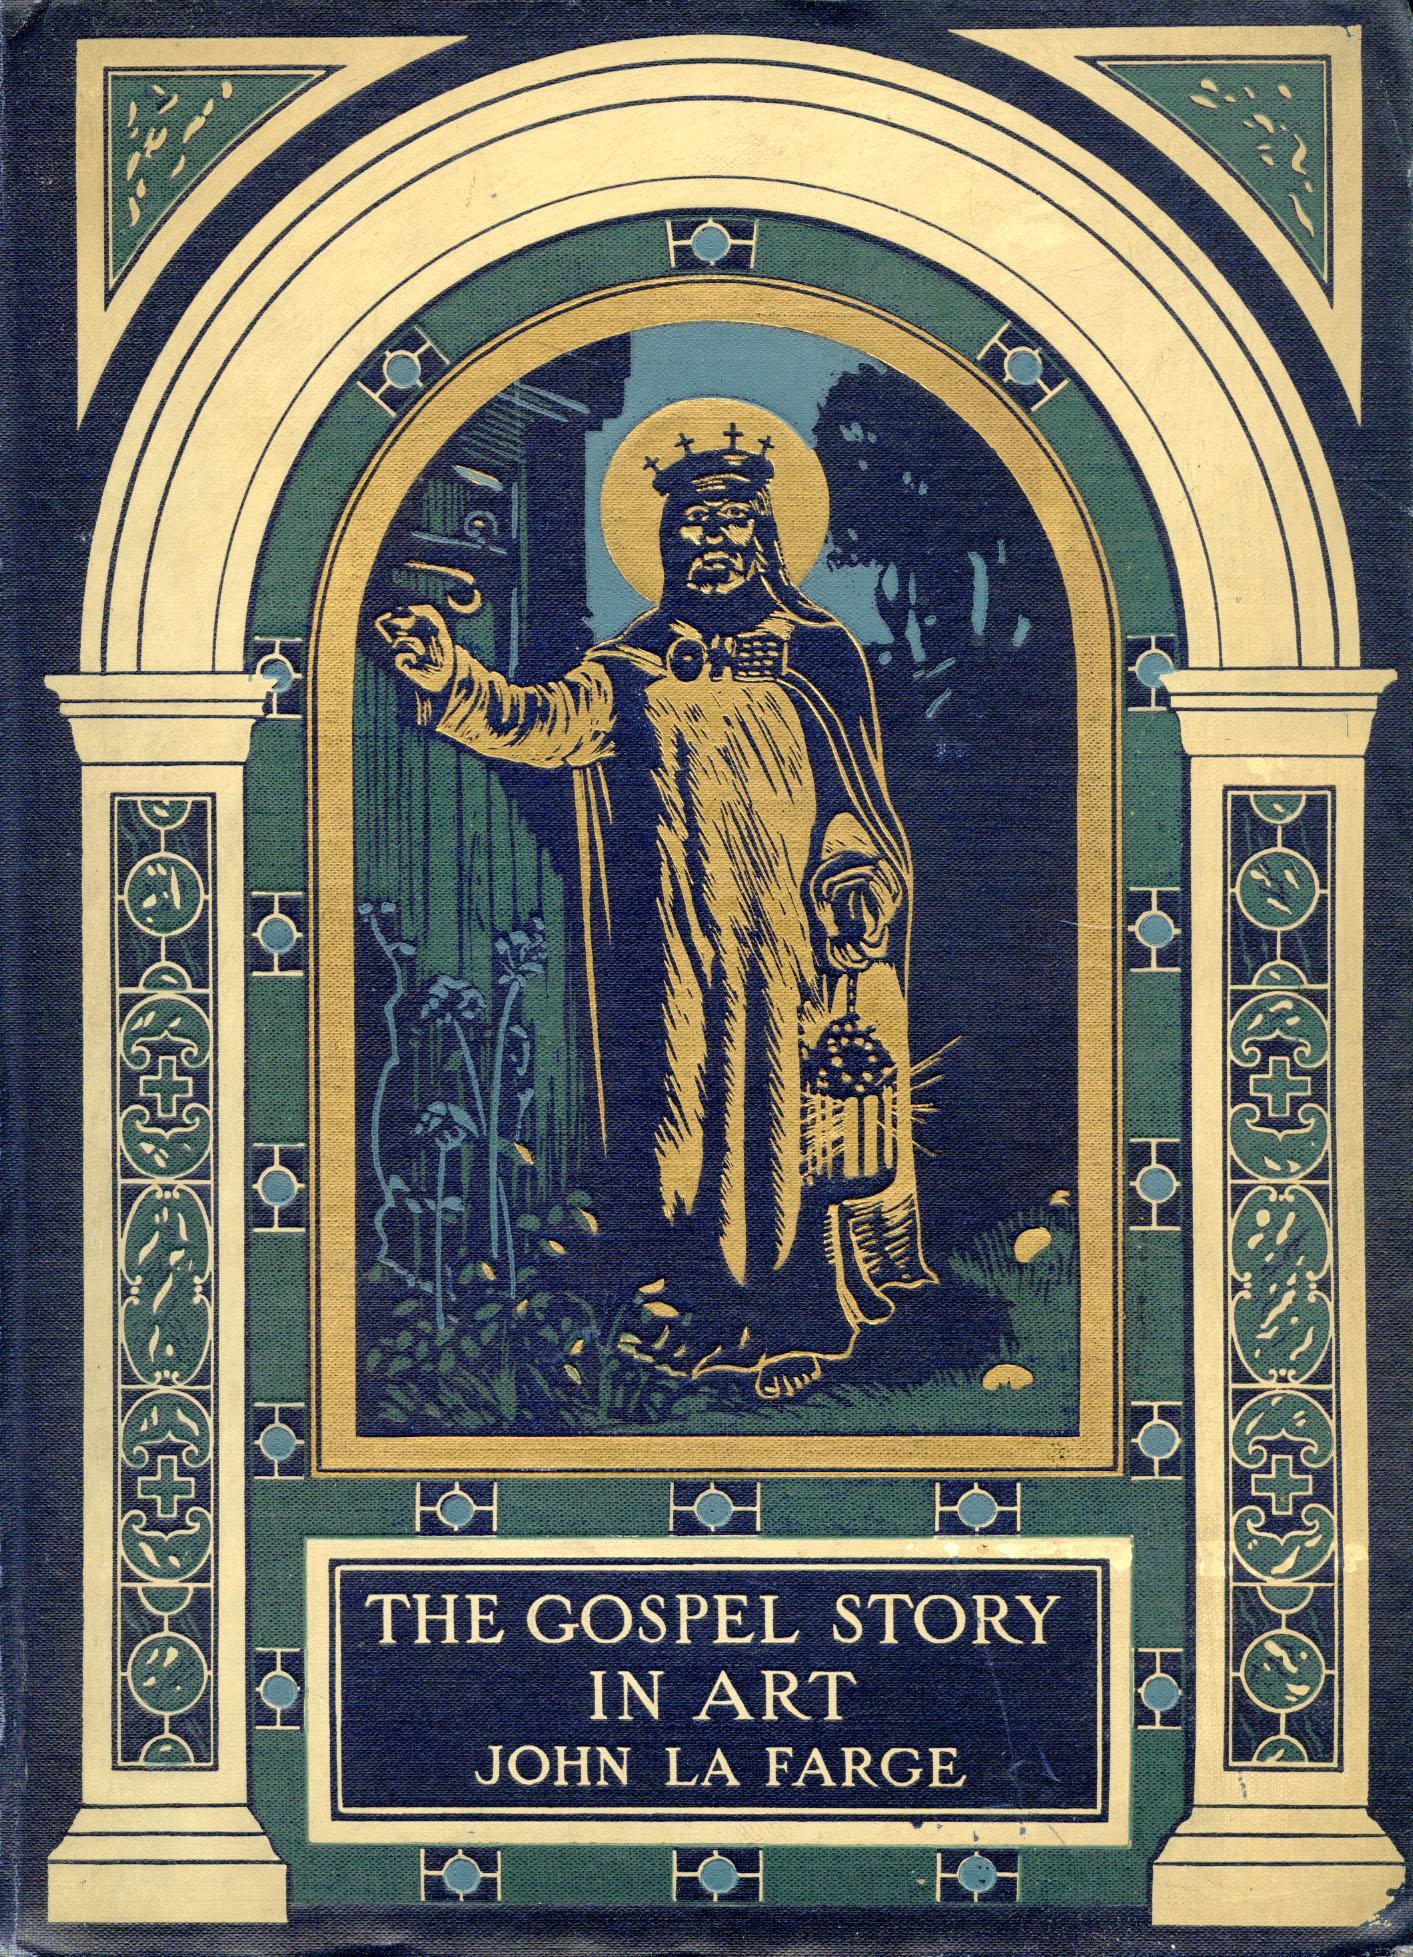 GospelStoryInArtLaFarge